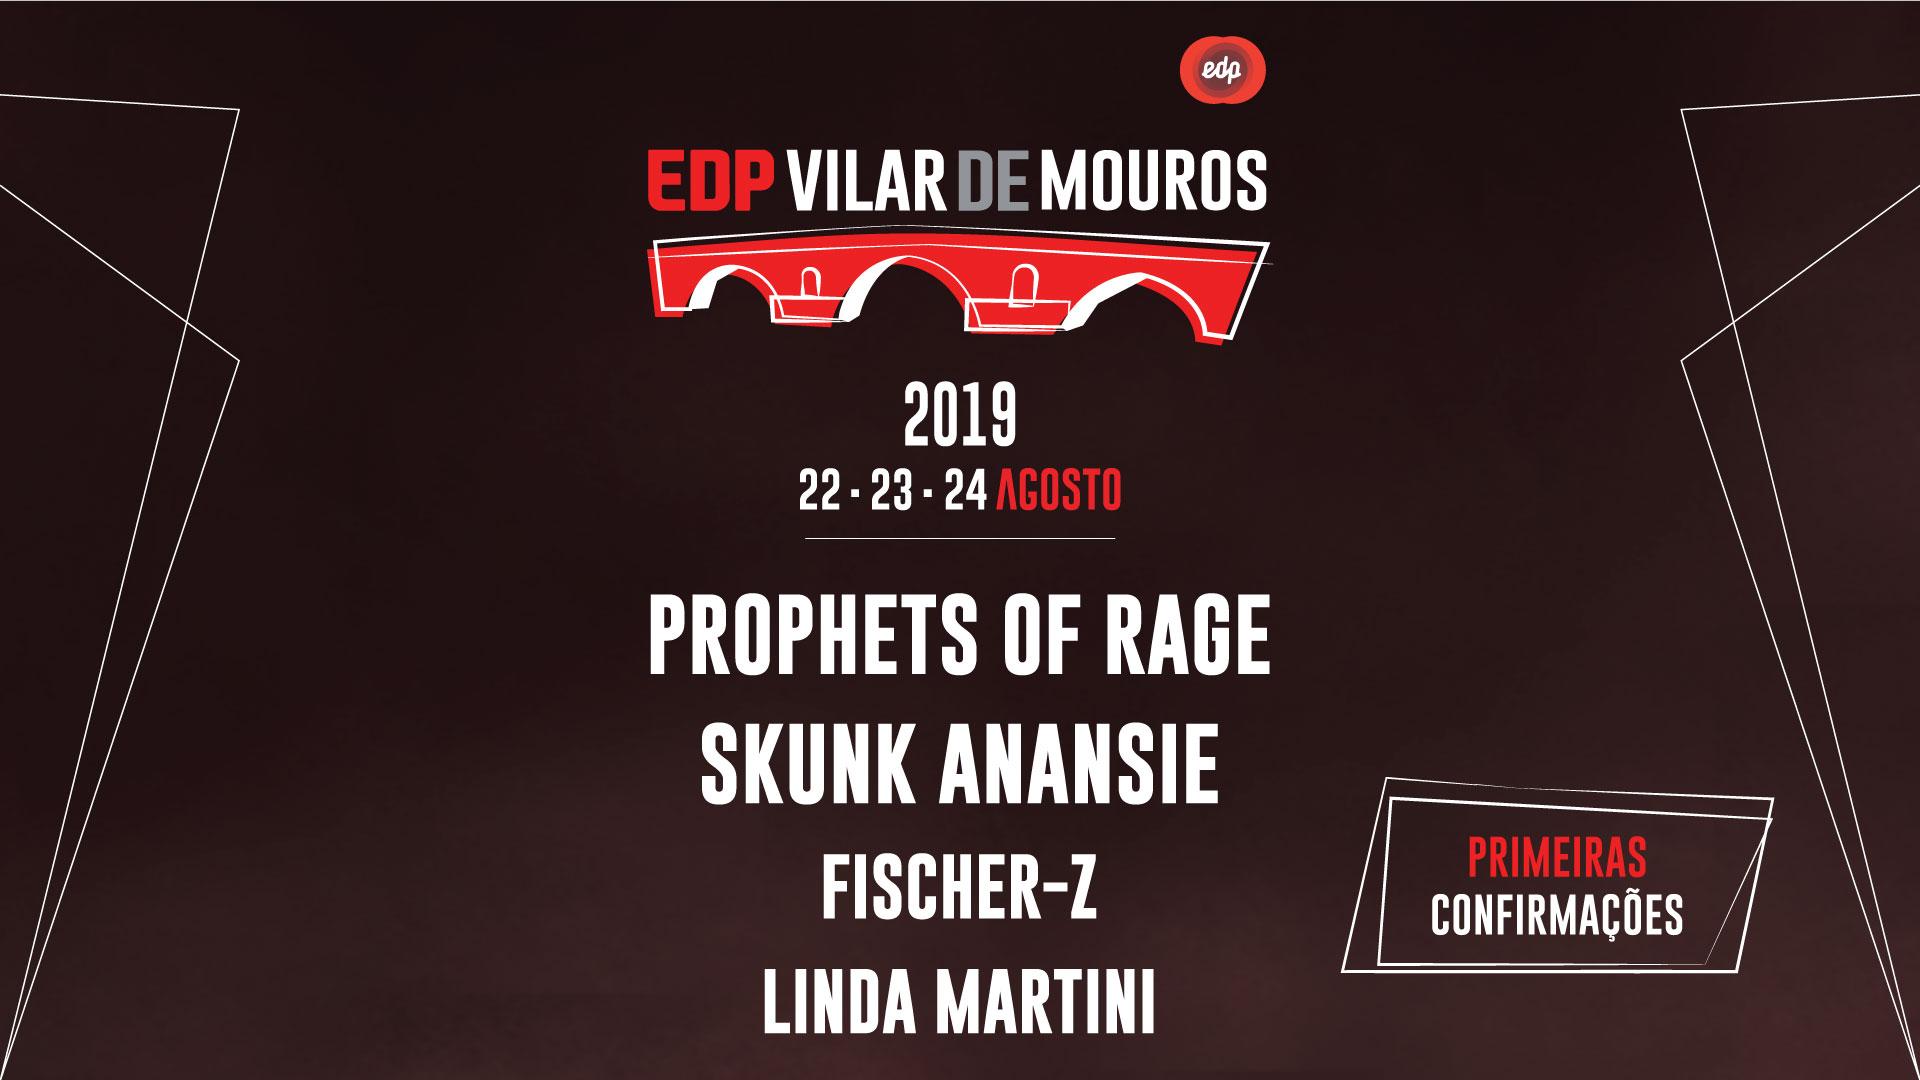 Linda Martini, Prophets of Rage, Skunk Anansie e Fischer-Z são primeiros nomes confirmados em Vilar de Mouros